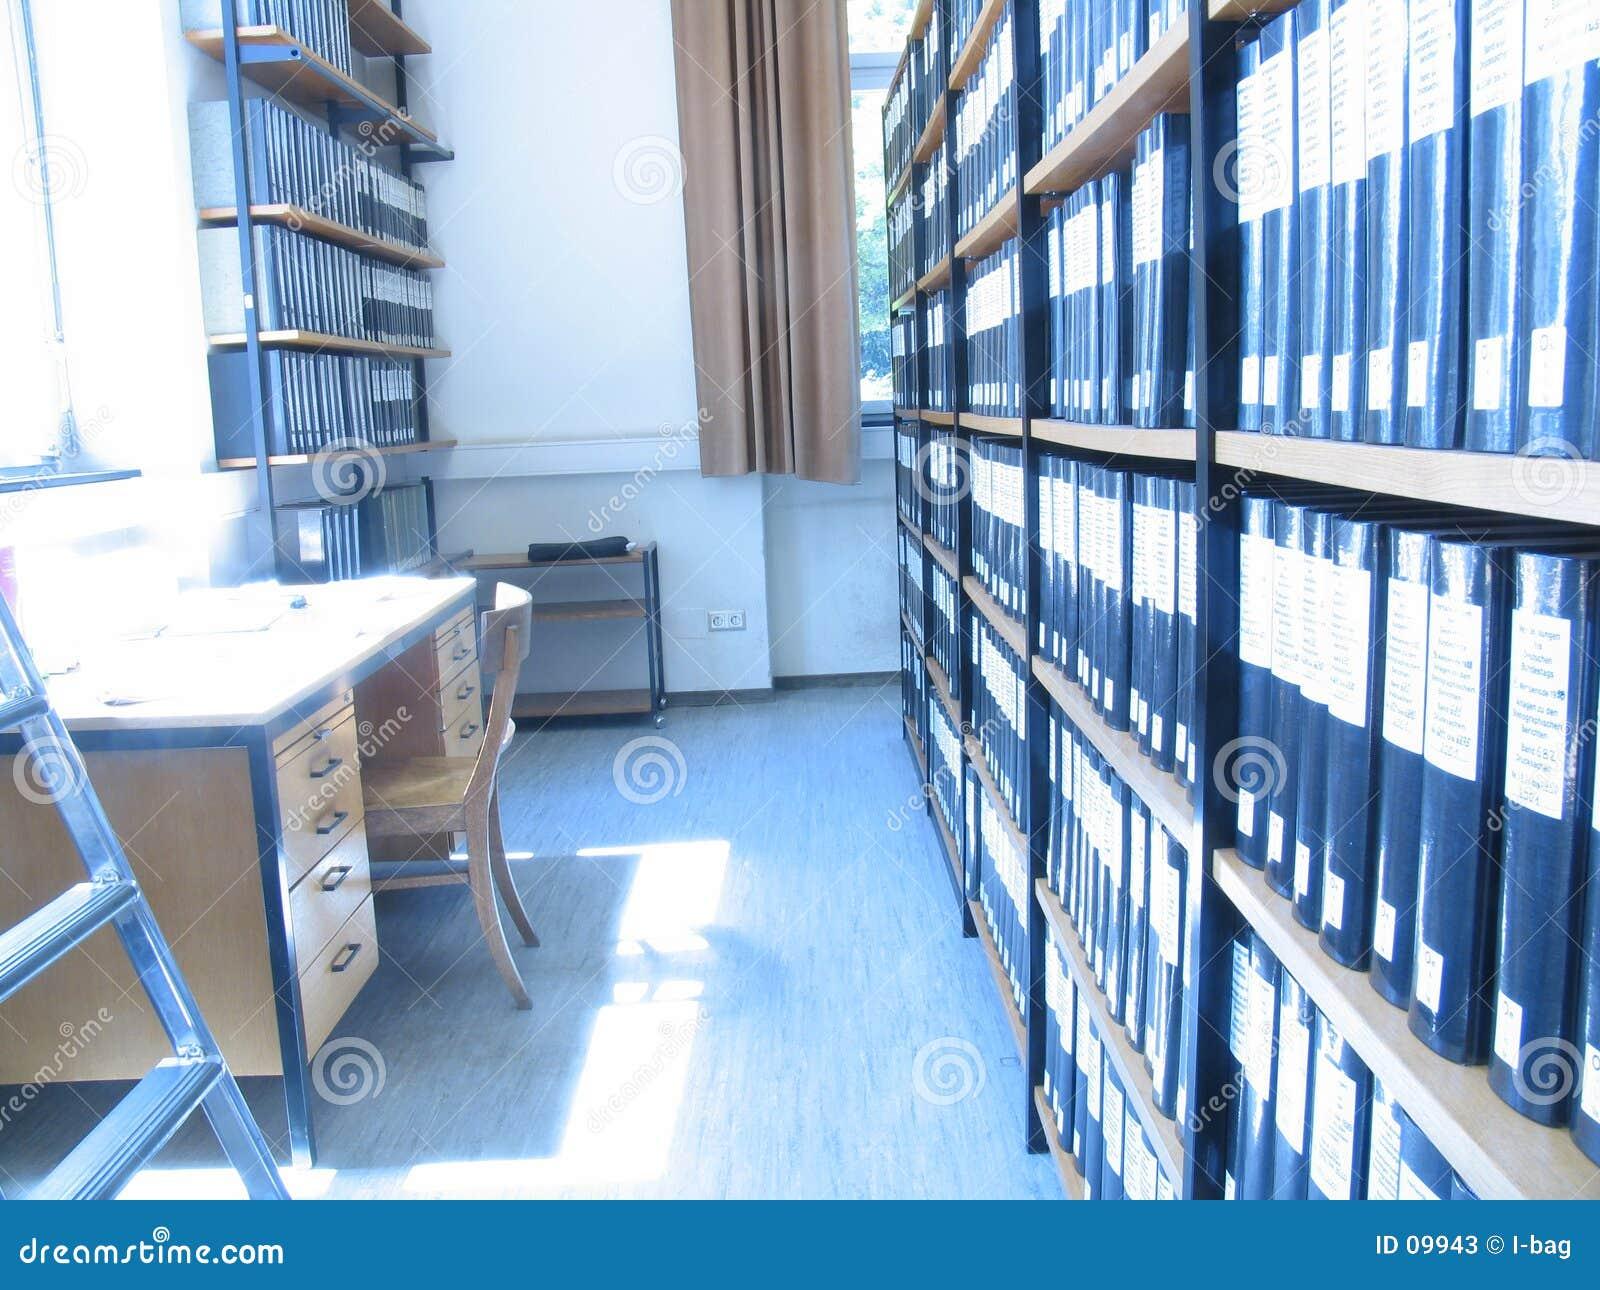 Appareil de bureau dans la bibliothèque